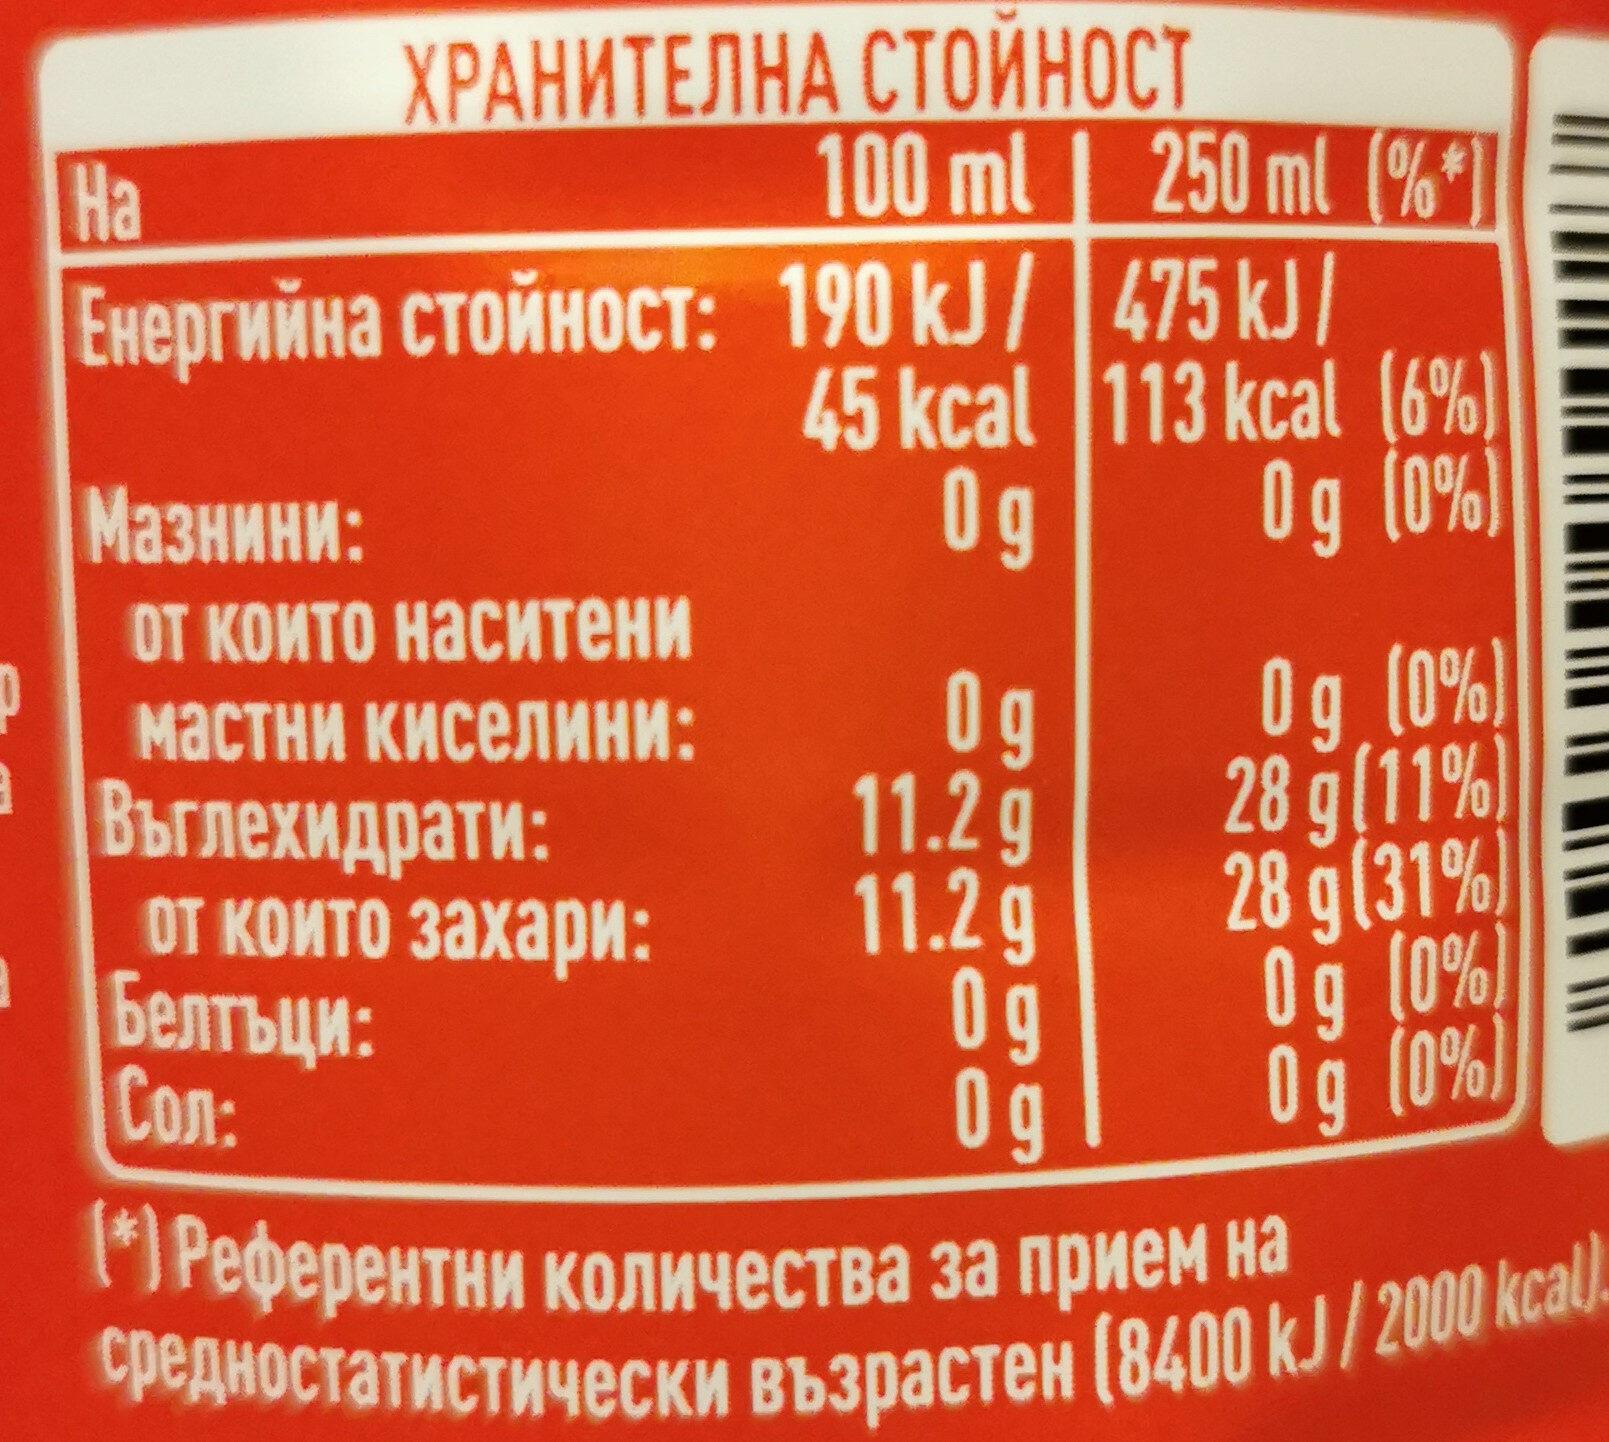 Coca cola 1L - Nutrition facts - en